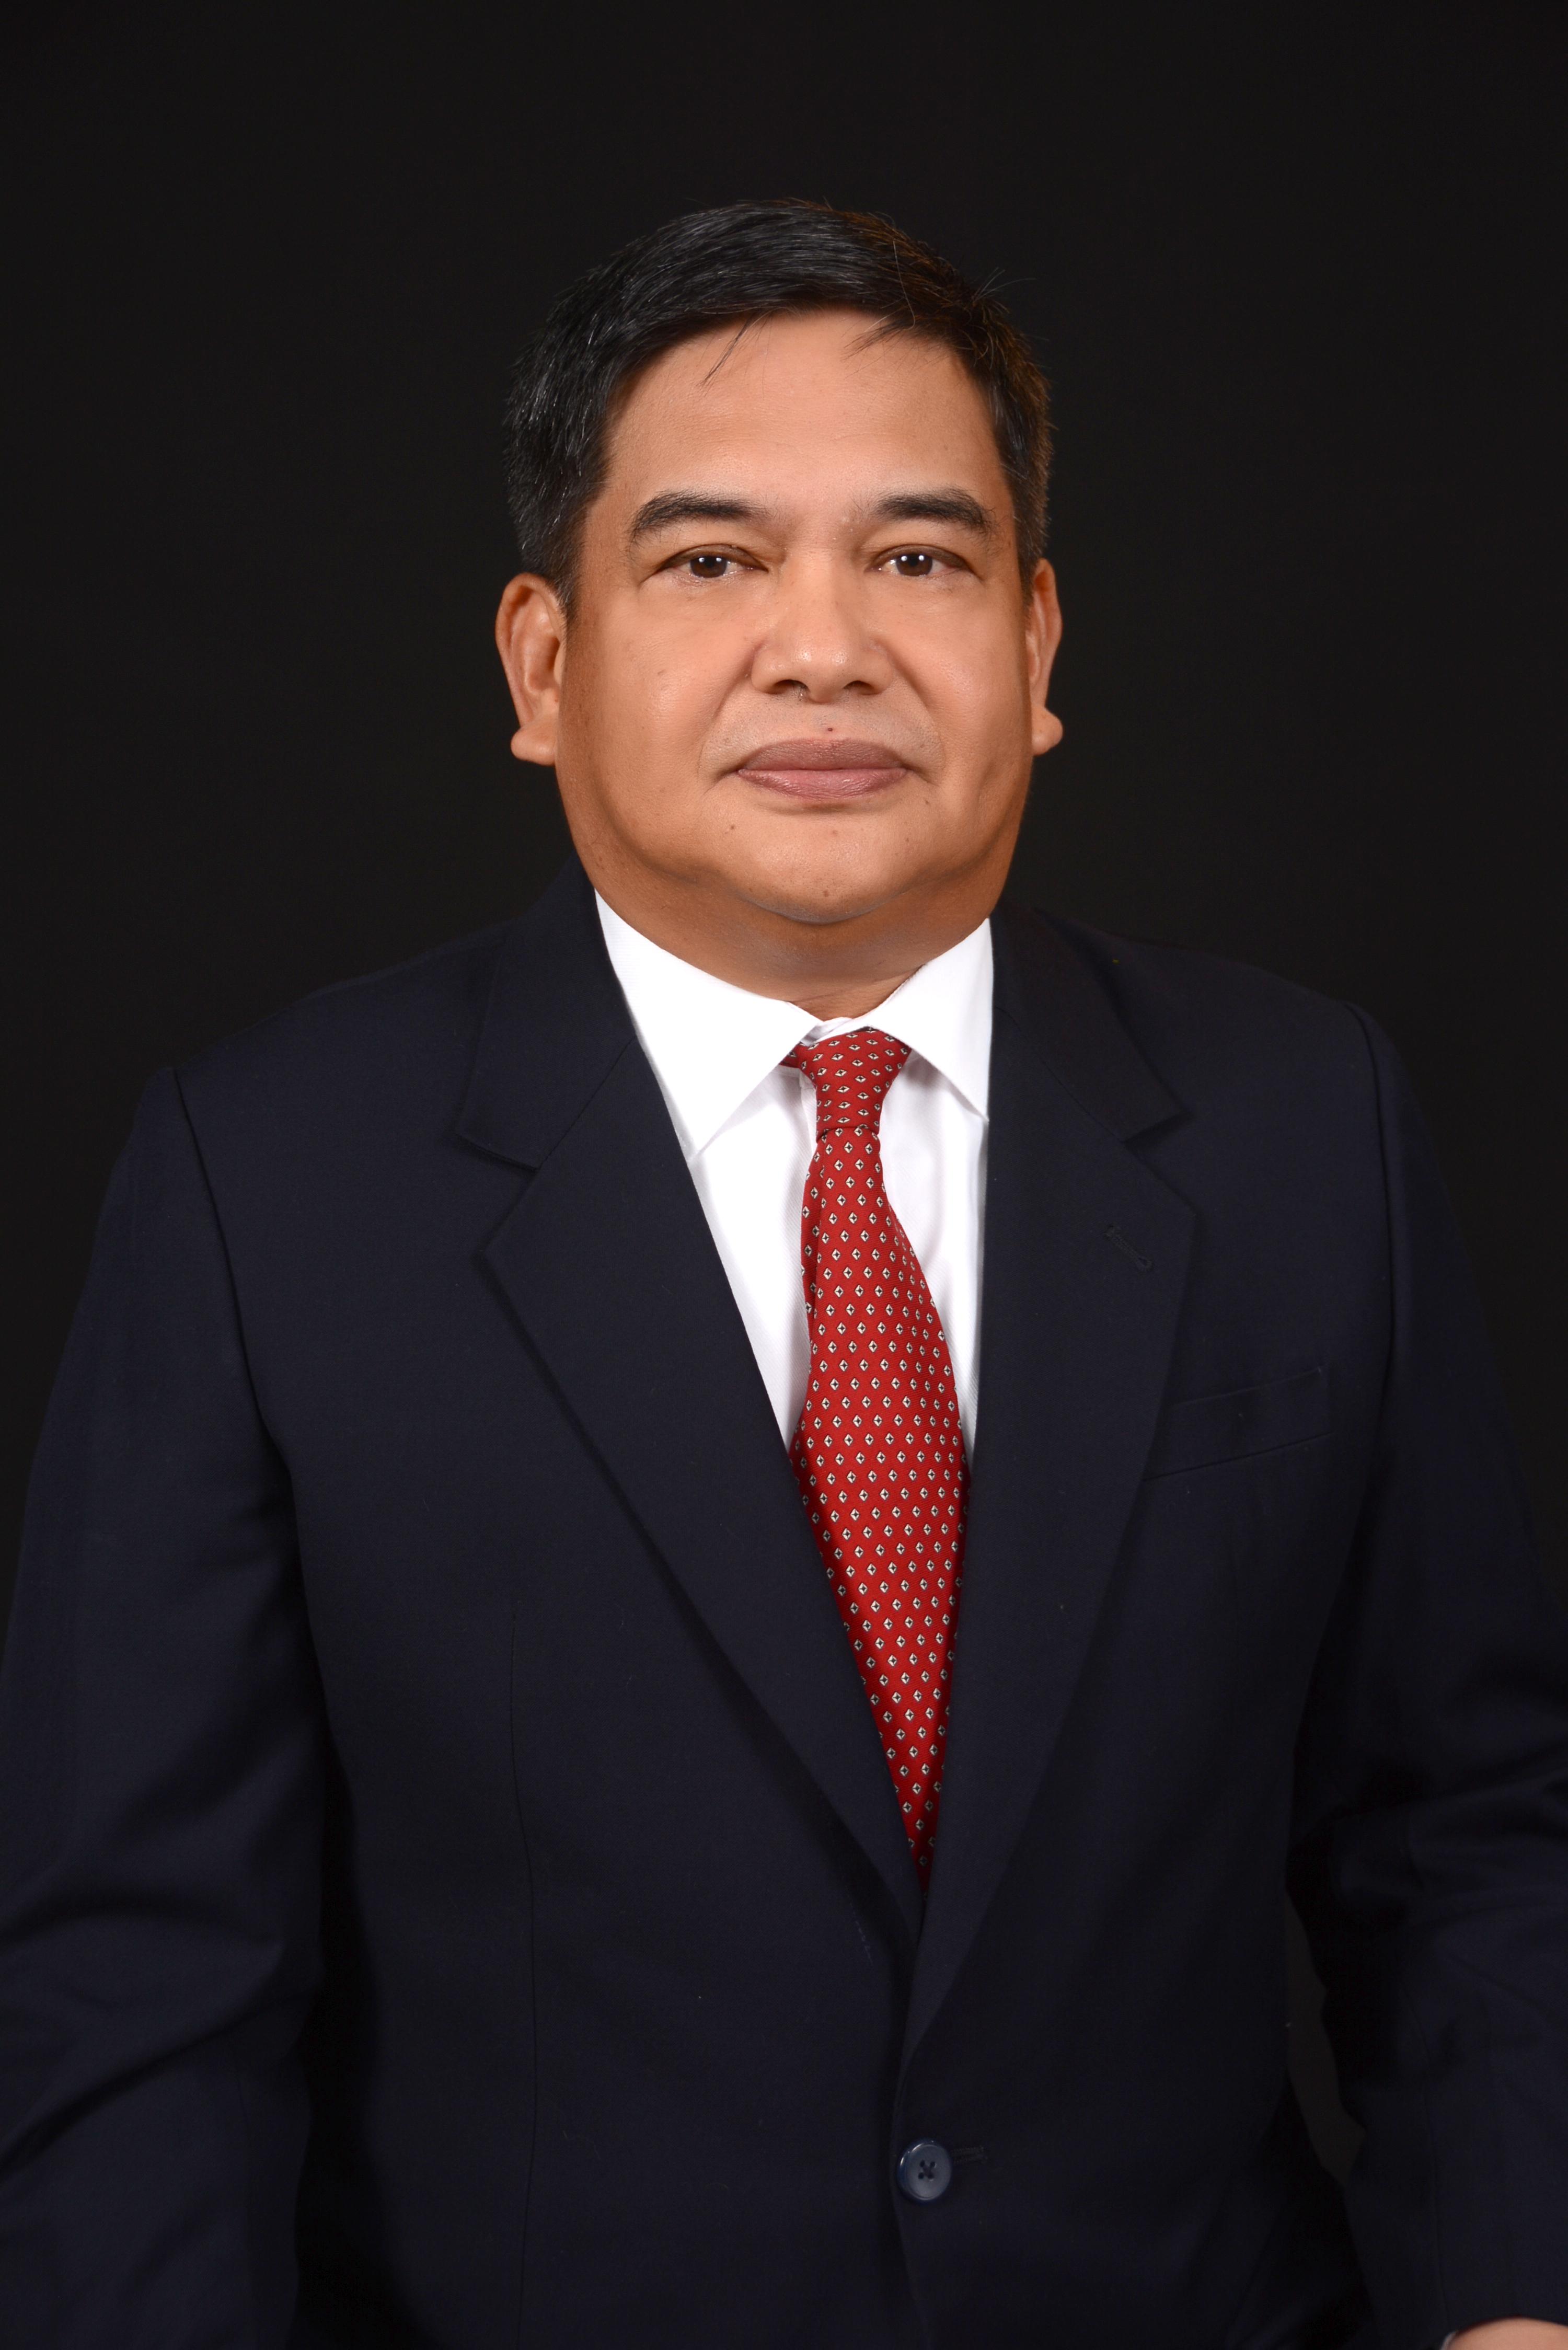 Alan Luga